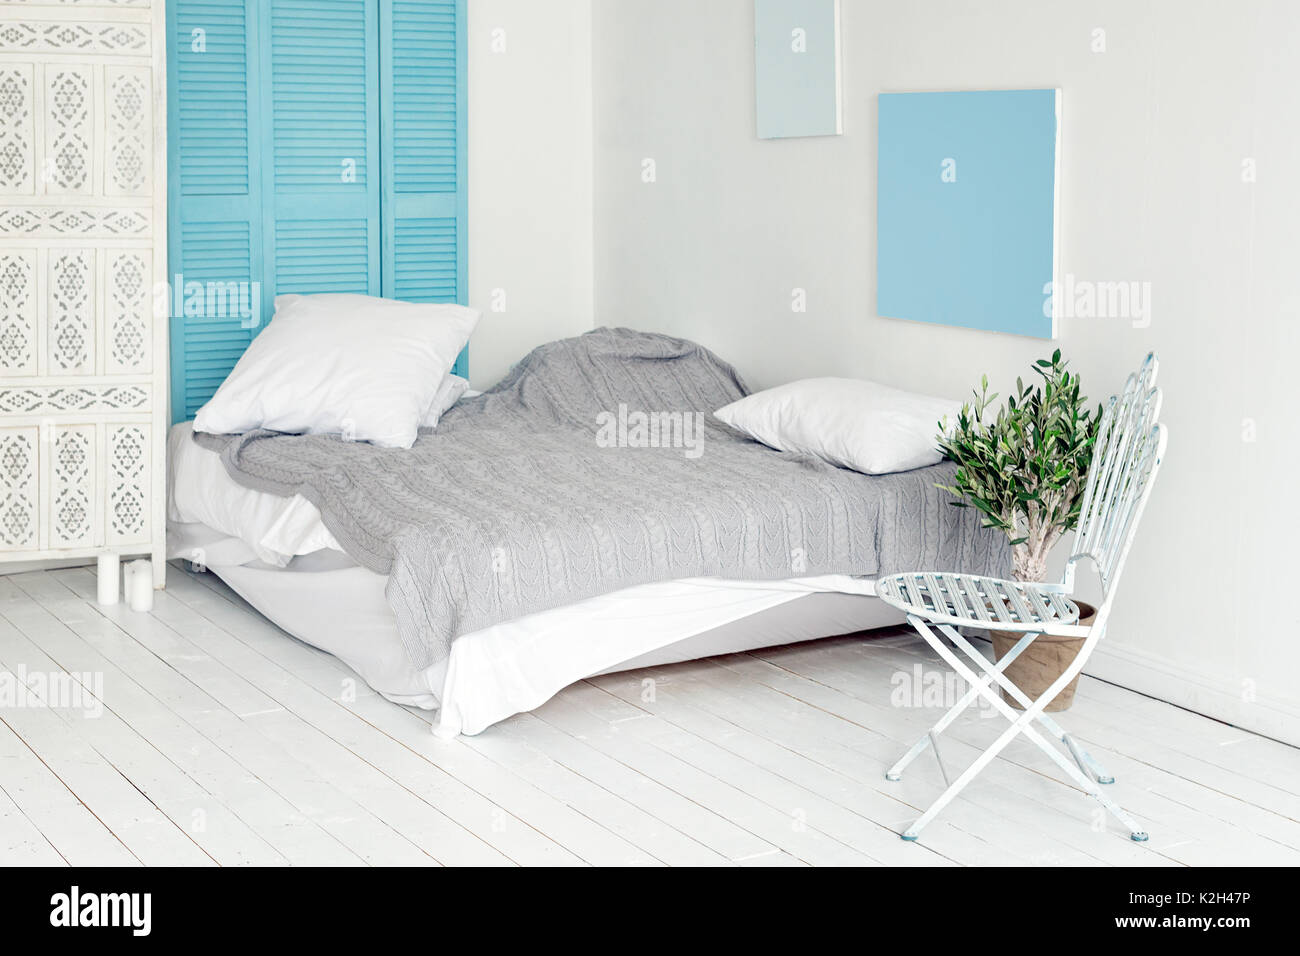 schlafzimmer einrichten nordisch wandaufkleber schlafzimmer entsorgung bettdecken und kissen. Black Bedroom Furniture Sets. Home Design Ideas